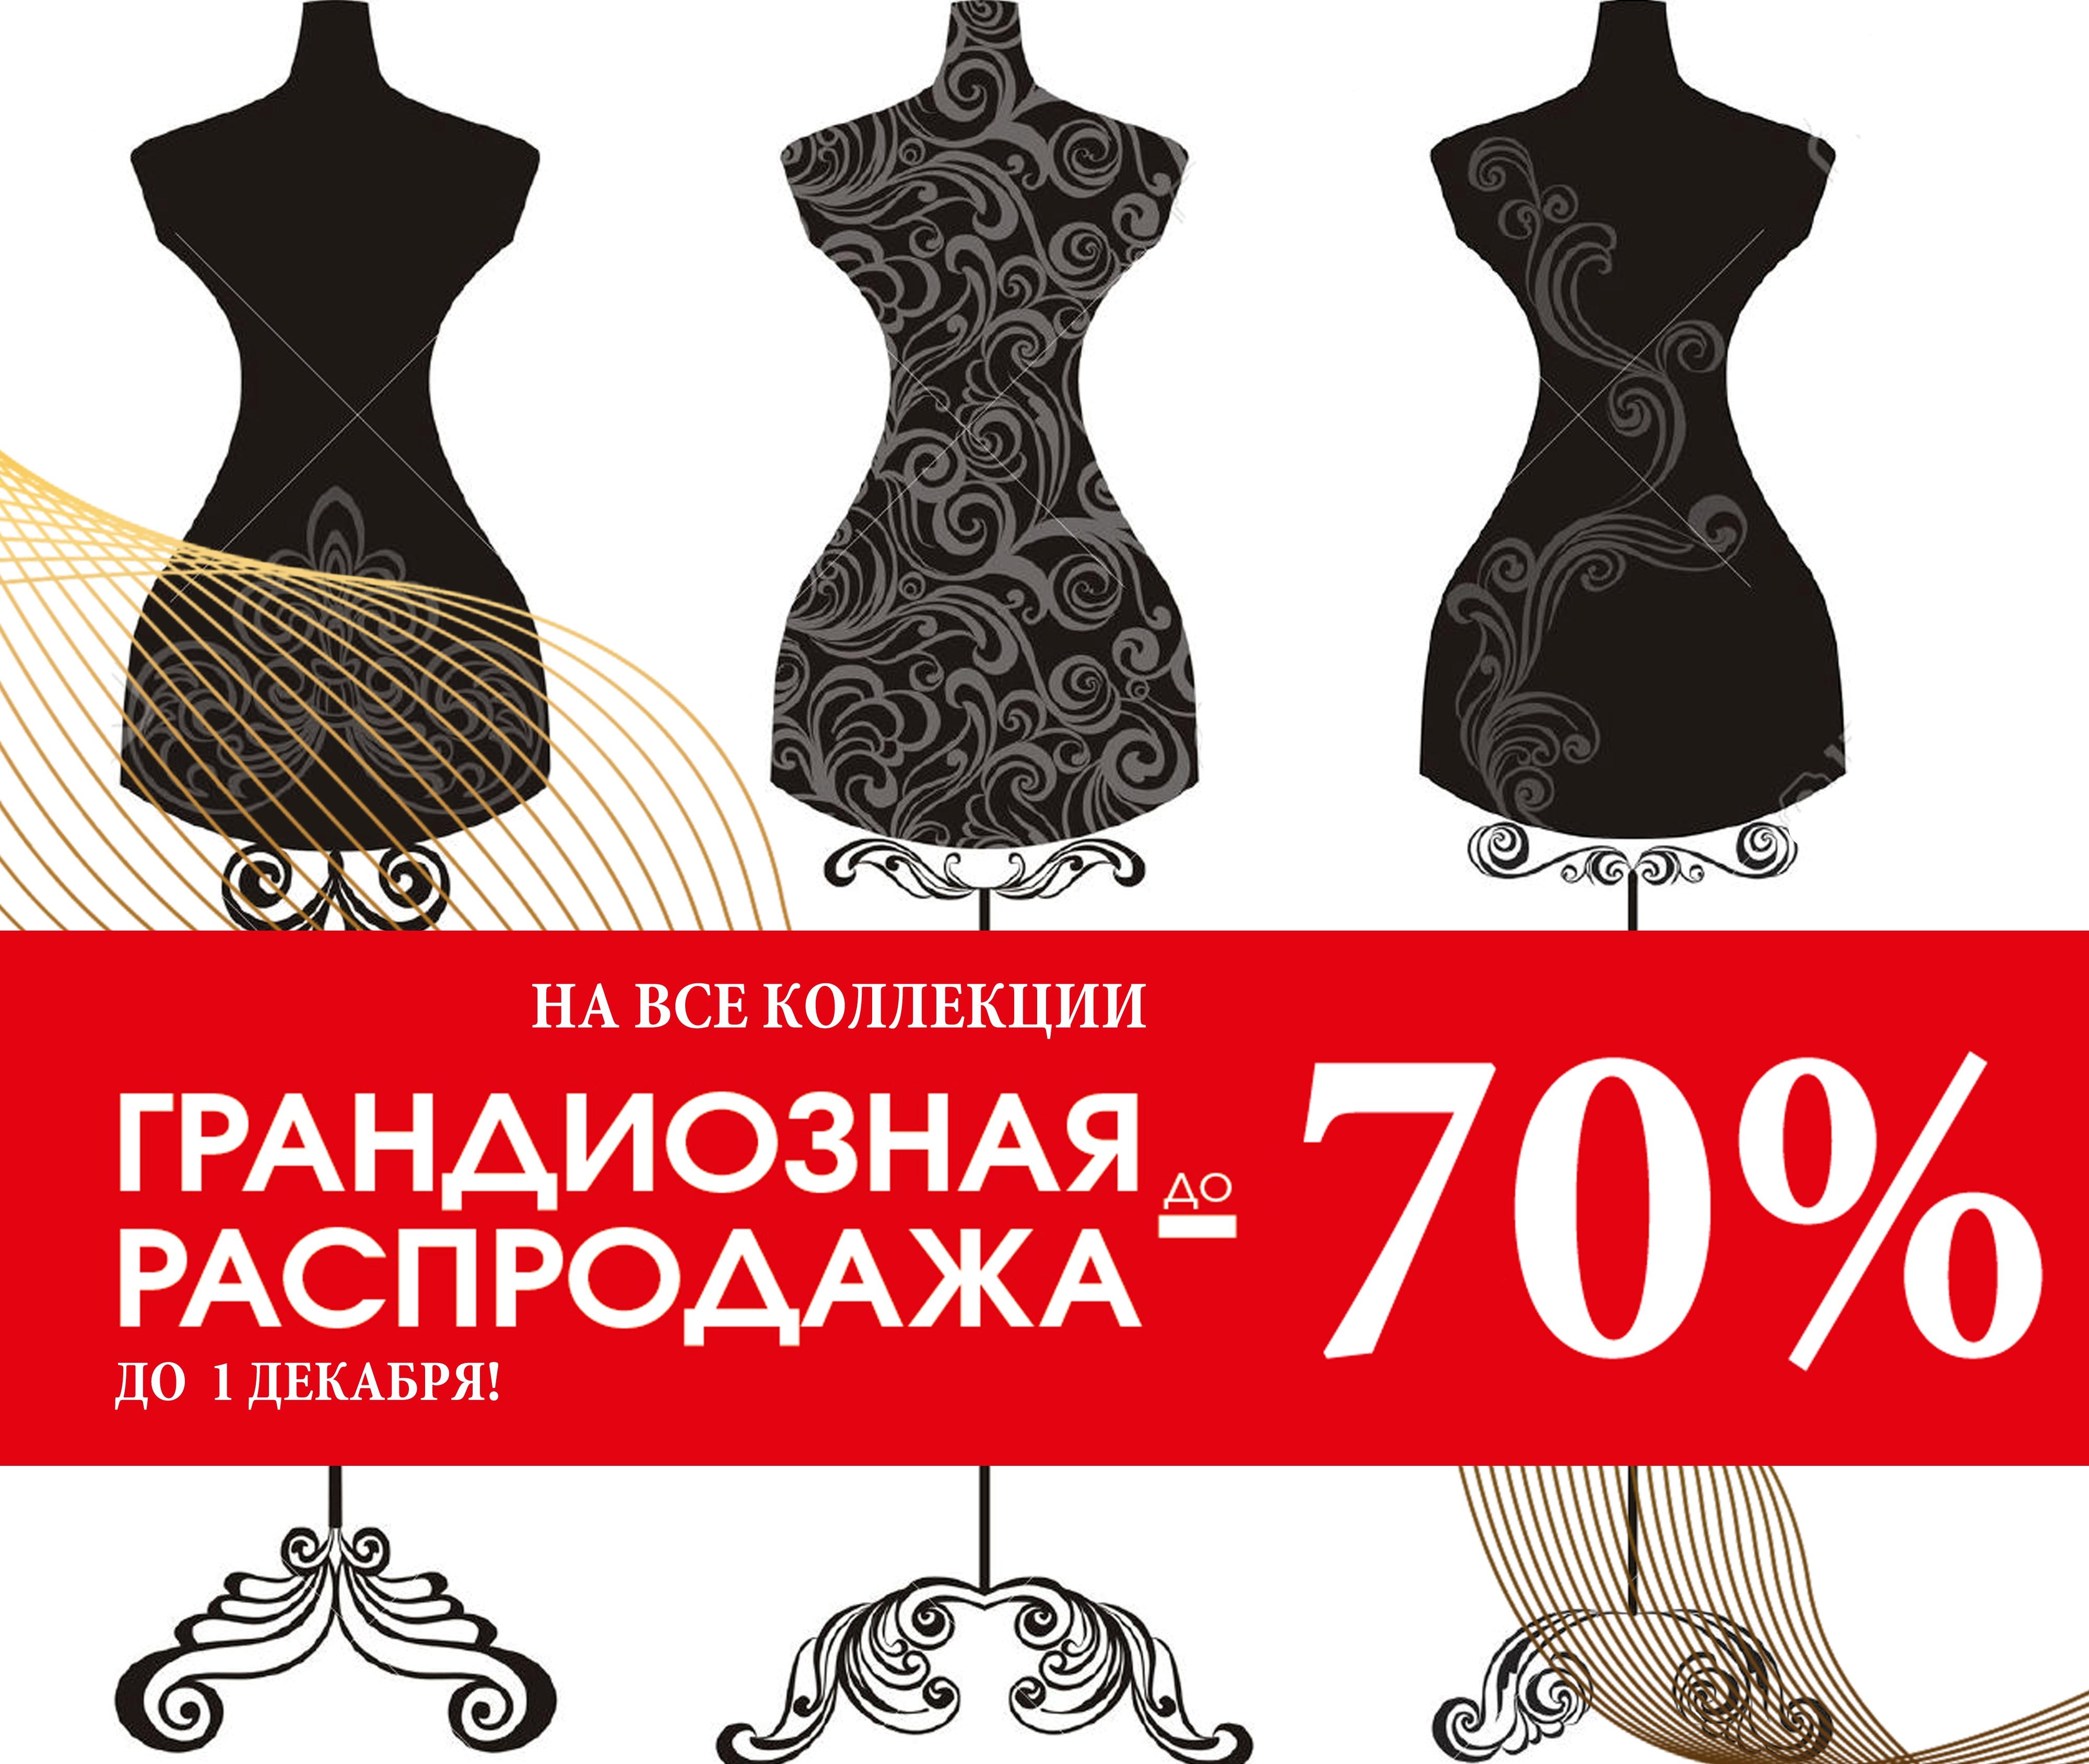 Сбор заказов. Грандиозная распродажа! Элегантная женская одежда Dе\/0rе. Скидки до 70% на все коллекции! Размеры с 42 по 54. Без рядов! Стоп 22 ноября.